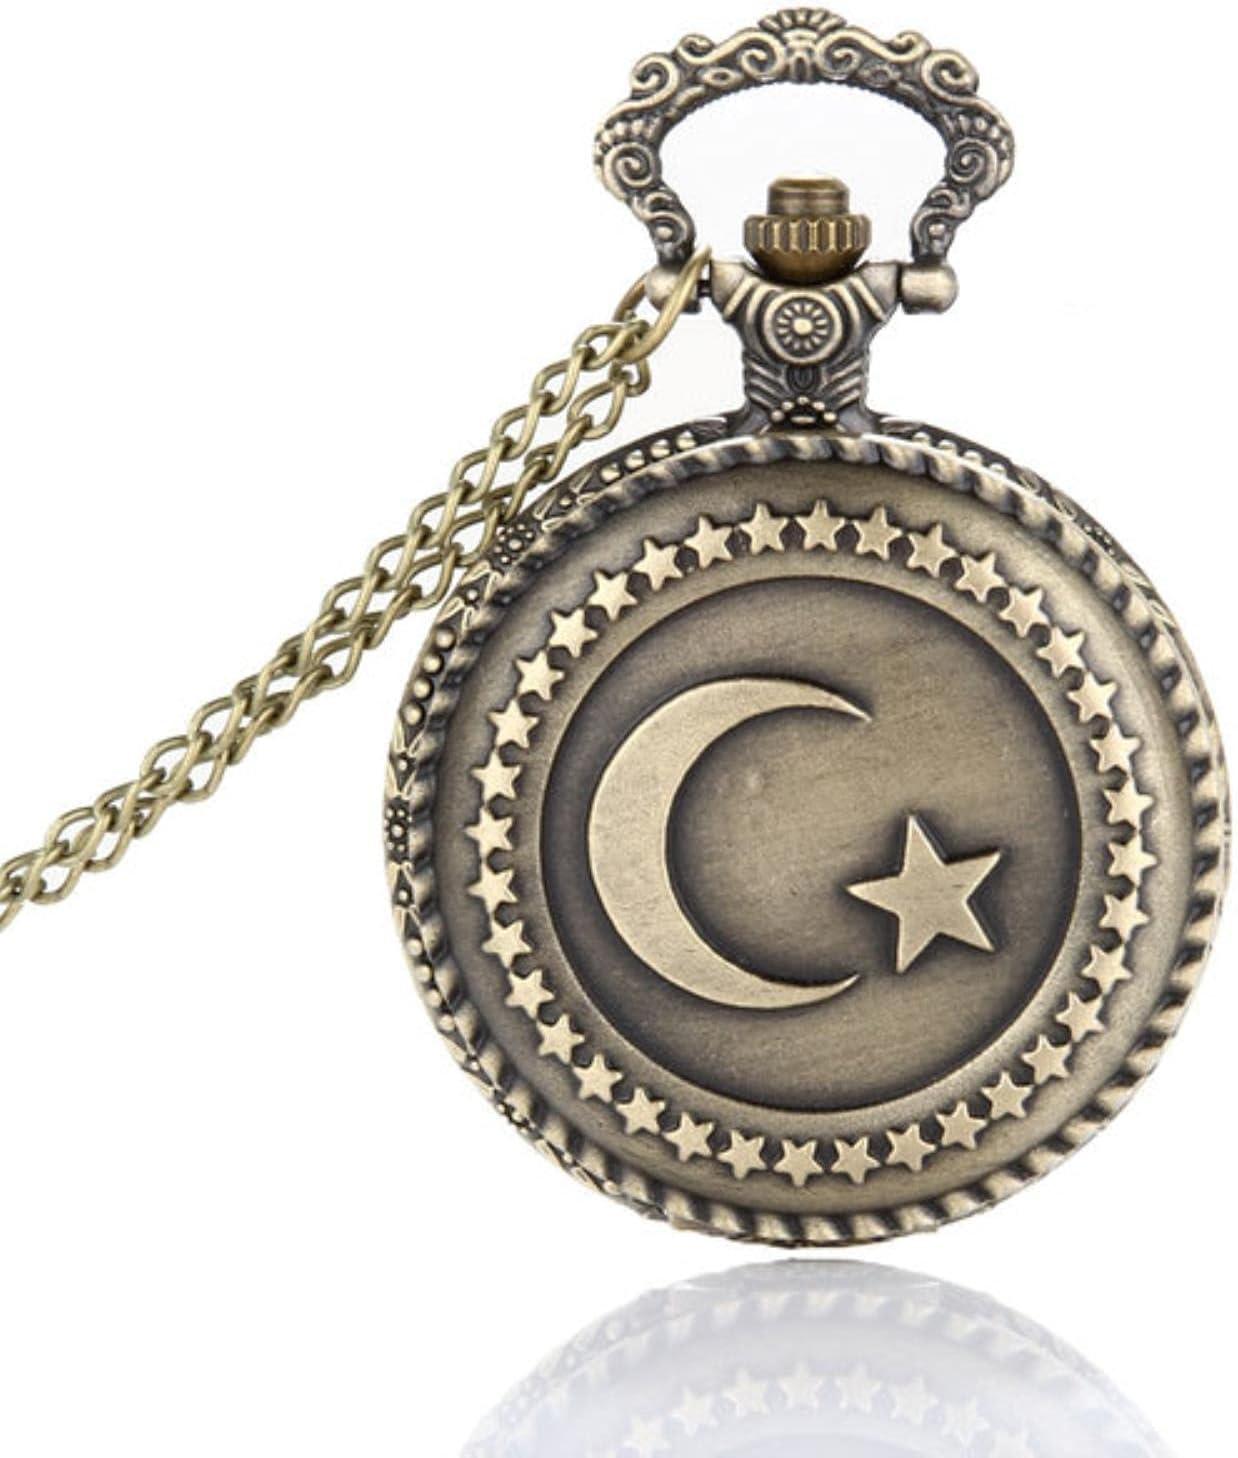 JTWMY Reloj de Bolsillo Bronce Antiguo Diseño de Bandera turca Reloj de Bolsillo de Cuarzo con Tema de Luna y Estrella con Cadena de Collar-predeterminado